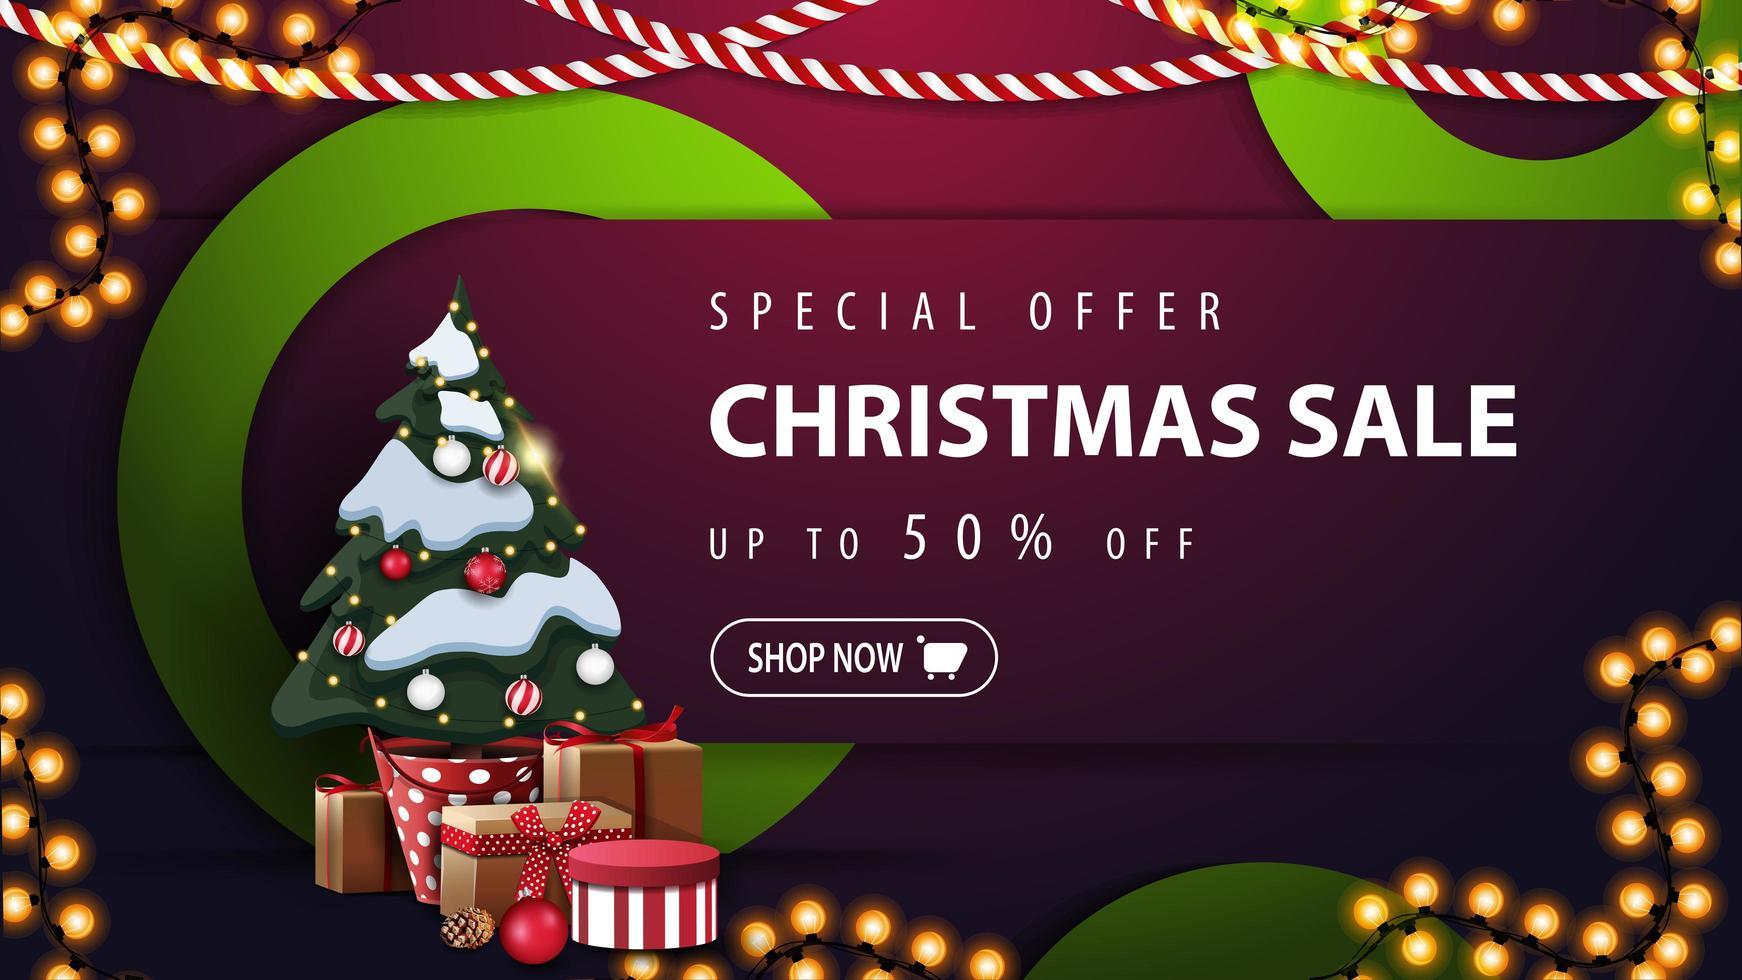 specialerbjudande, julförsäljning, upp till 50 rabatt, lila rabattbanner med gröna dekorativa ringar, kransar och julgran i en kruka med gåvor vektor